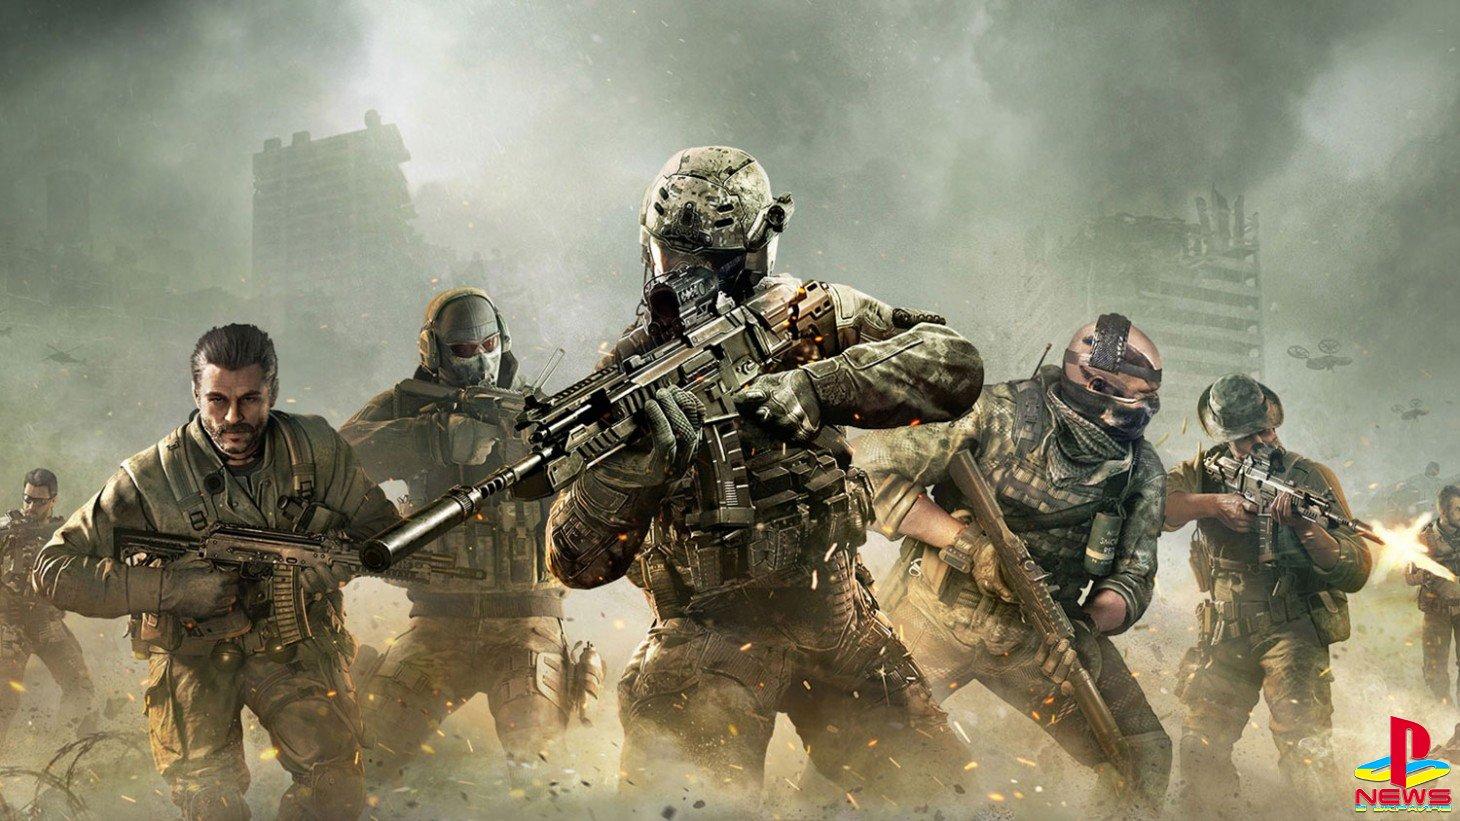 Cледующая игра серии Call of Duty получит подзаголовок  ...